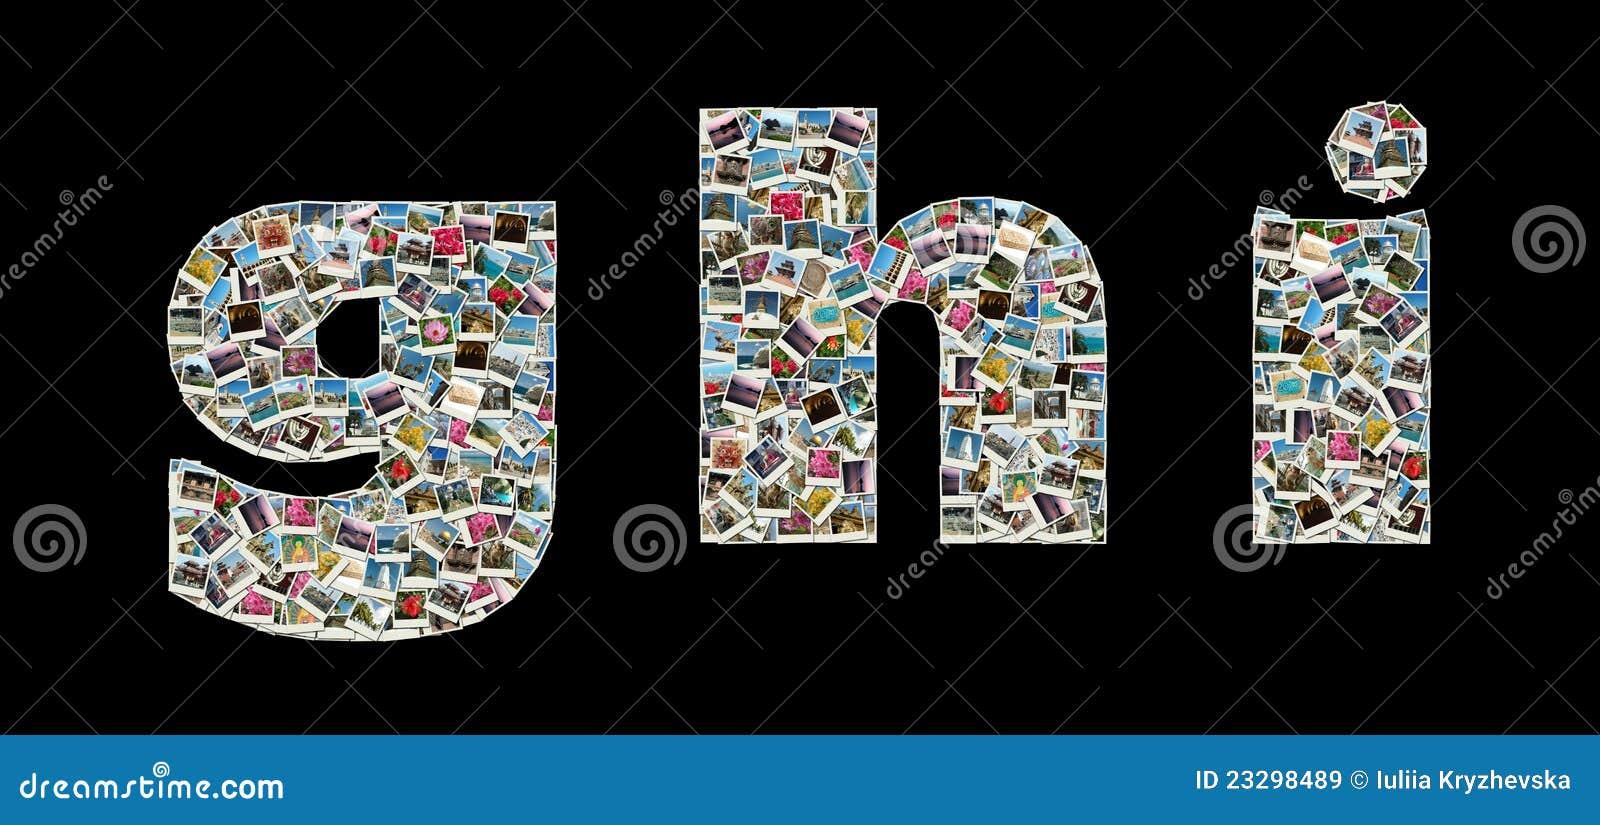 CollageG-H mig literasfotolopp